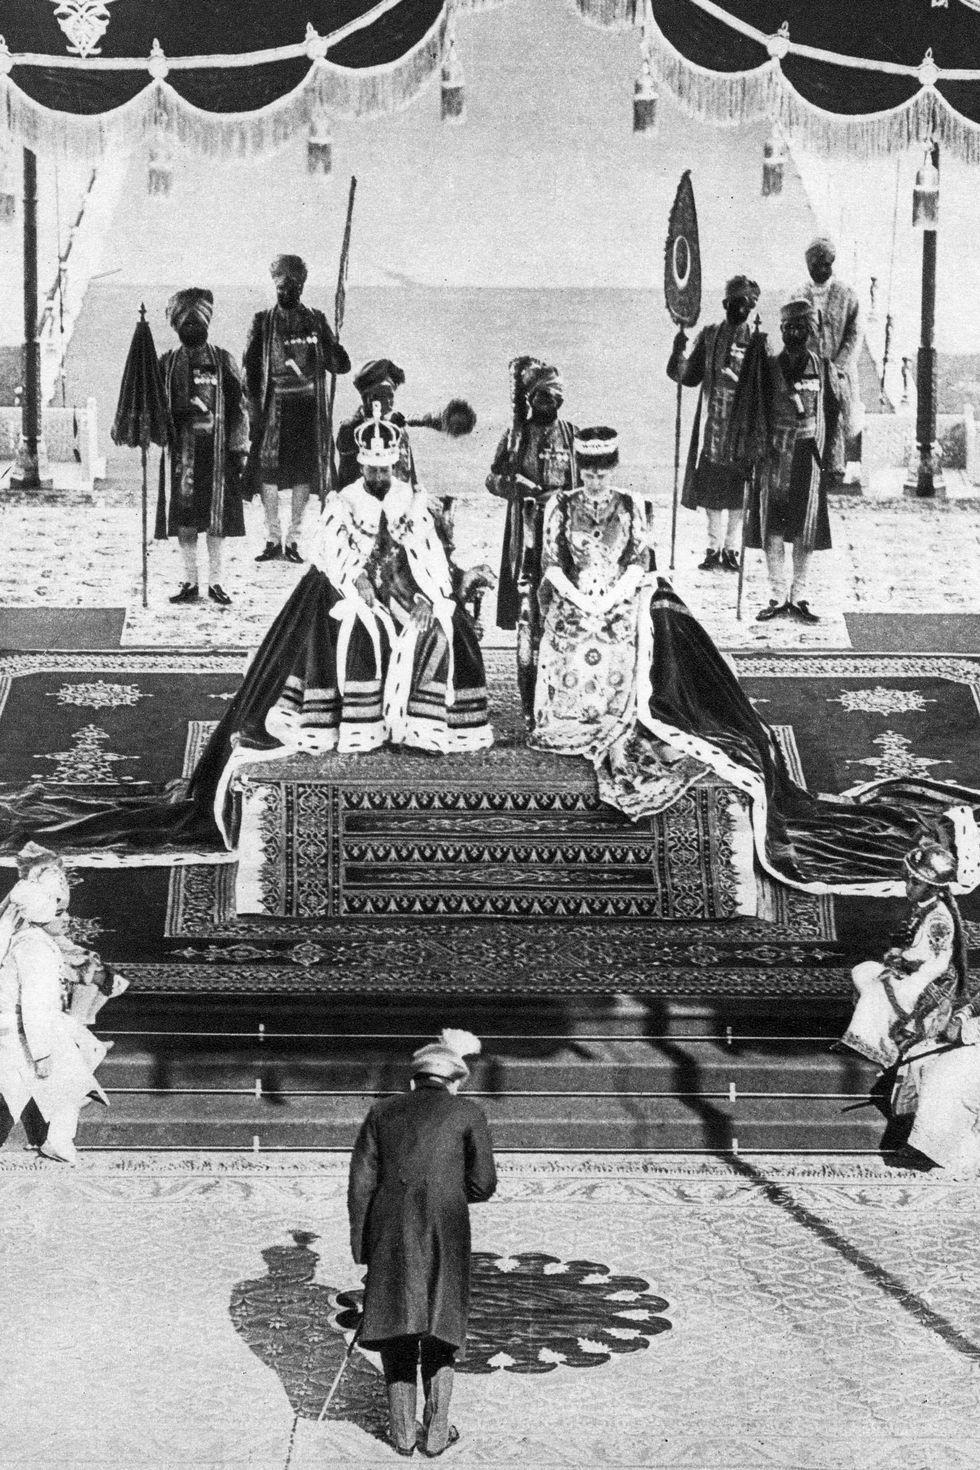 The British Royal Family in India | Queen Victoria | Delhi